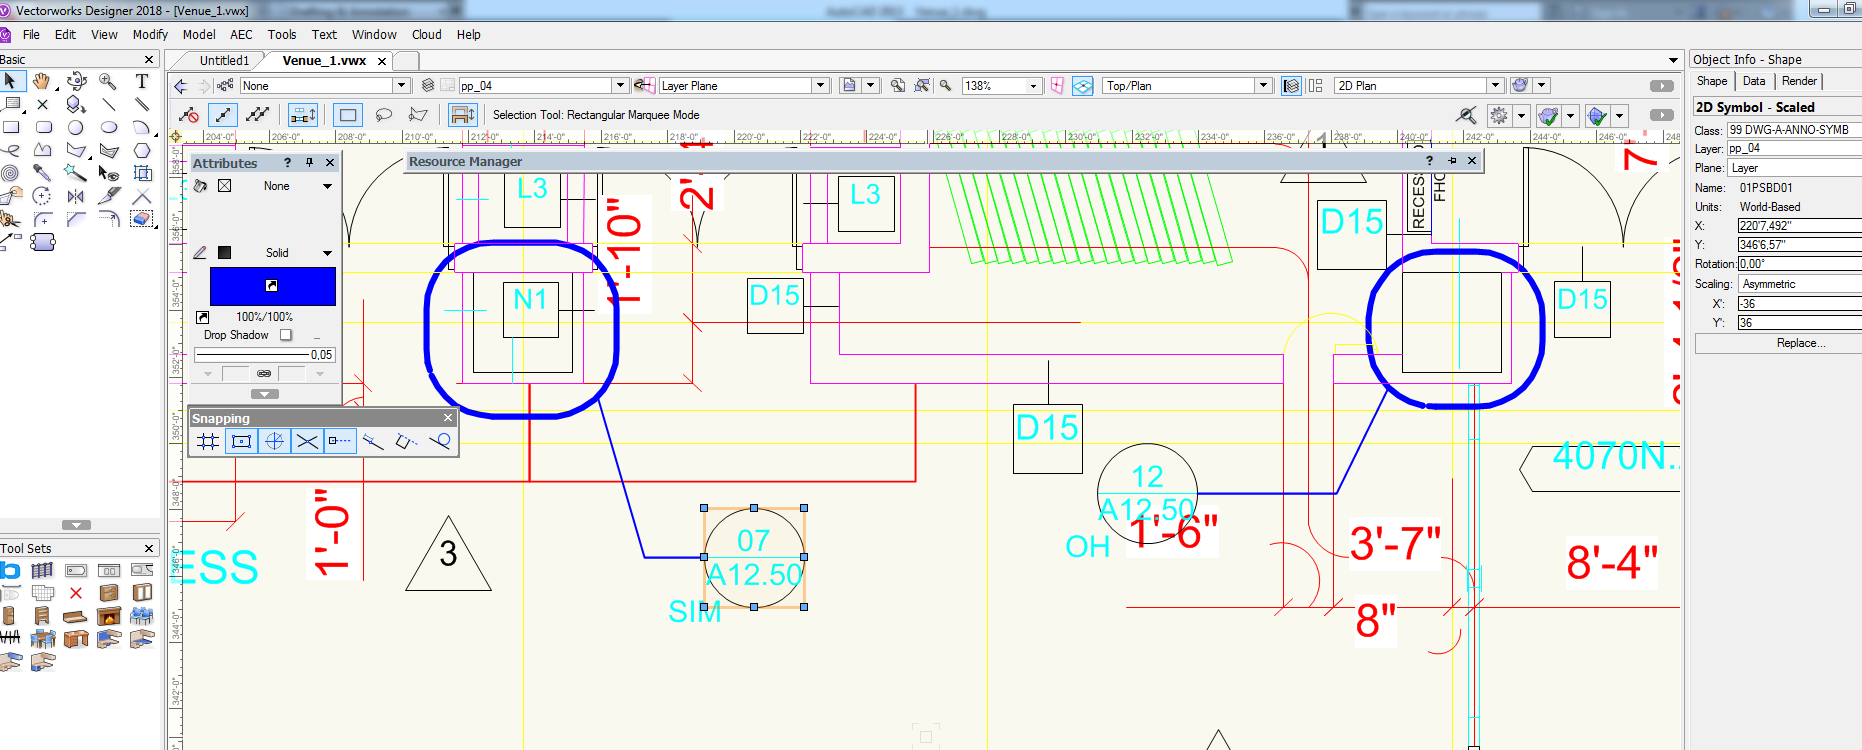 Nina Ivanovas Content Vectorworks Community Board Electrical Plan Imagethumb94800e85a81bc281aadbd79f92d947d2